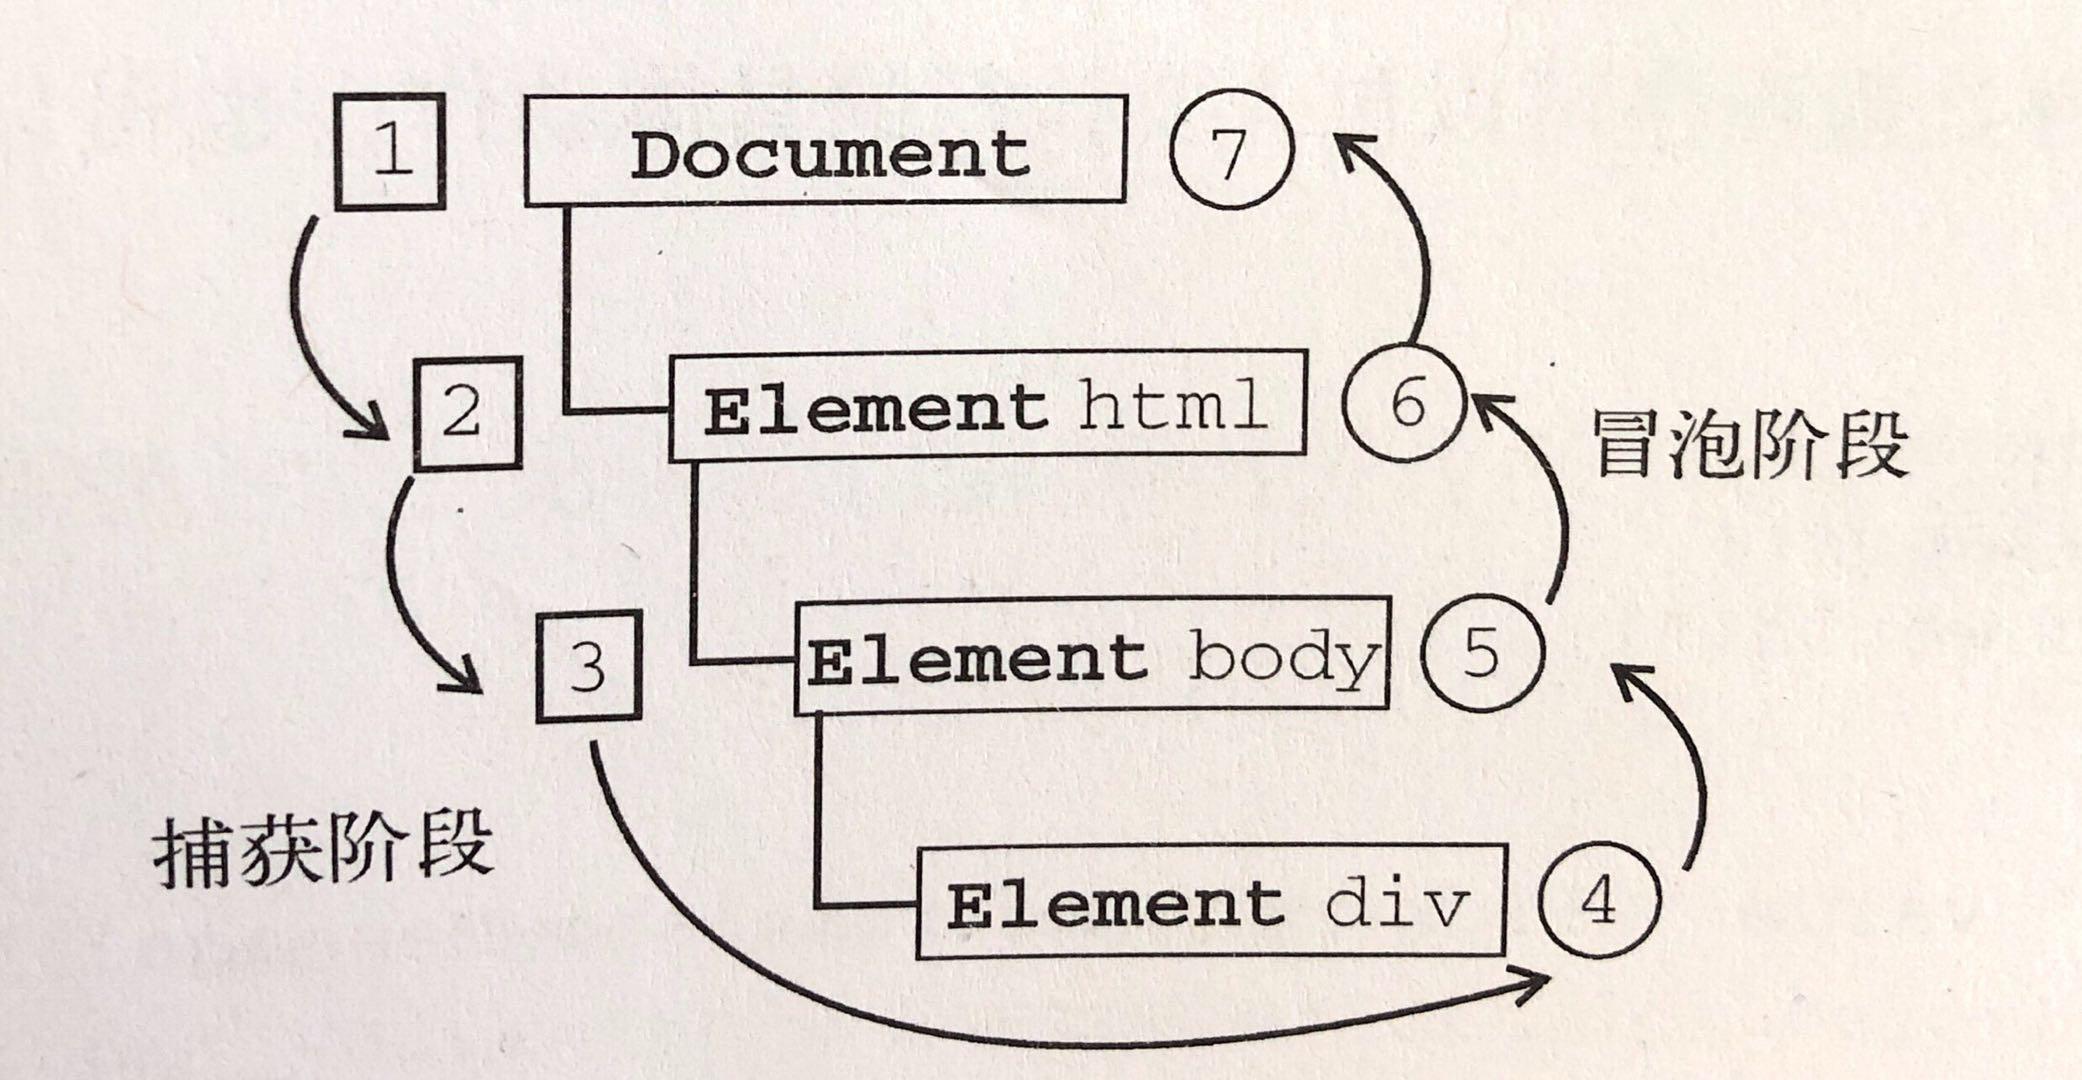 图片来源于《JavaScript 高级程序设计》